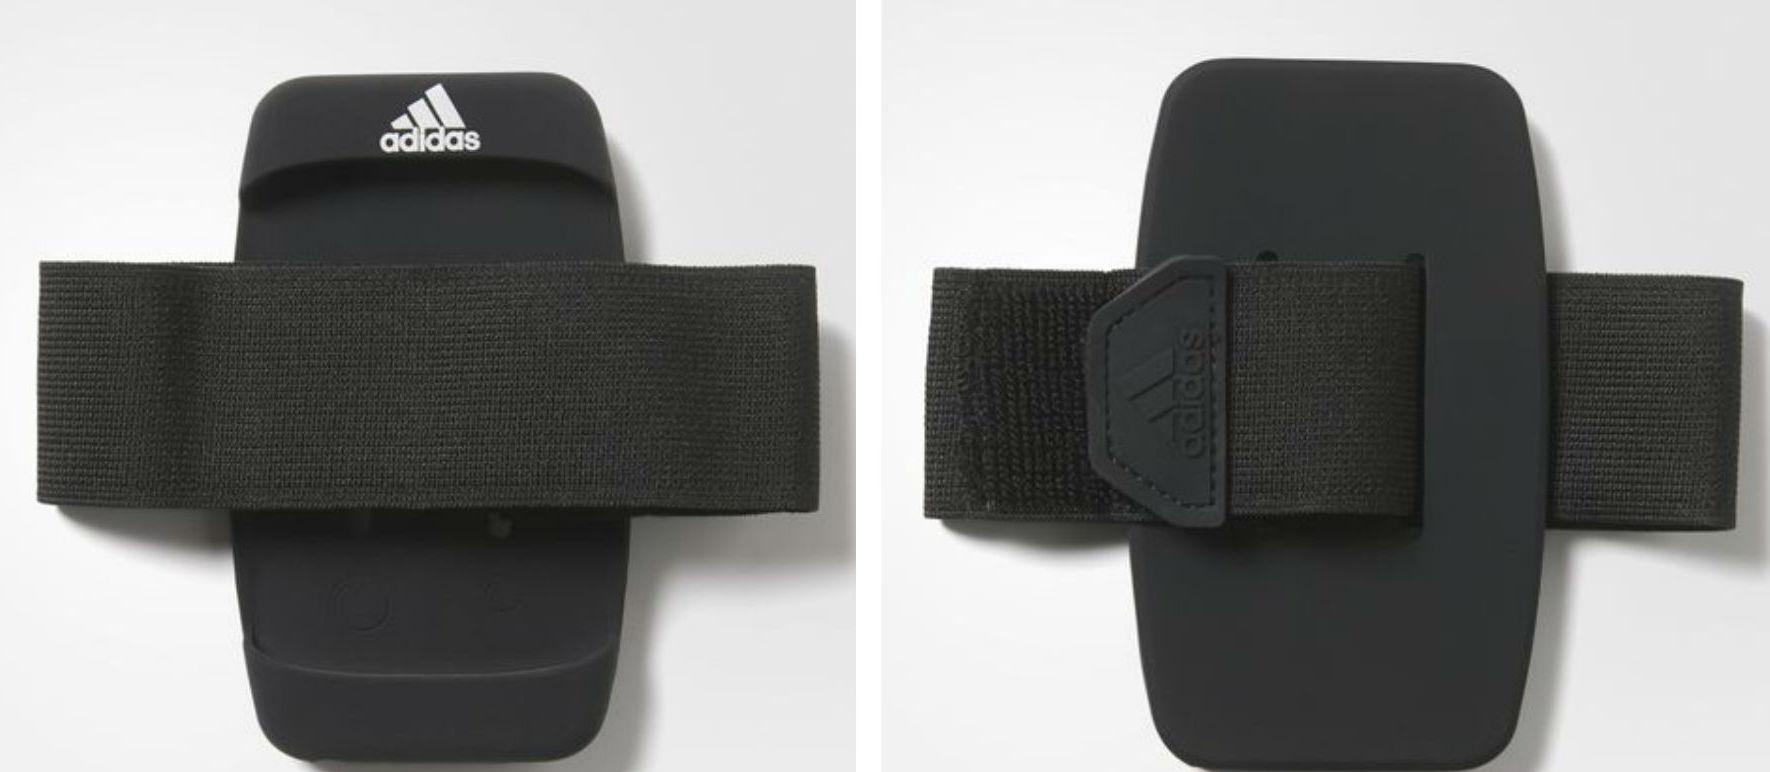 Обзор не гаджета. Выбираем лучший чехол для тренировок и другие аксессуары для смартфонов: повязки, сумки и силиконовый карман Adidas - 31